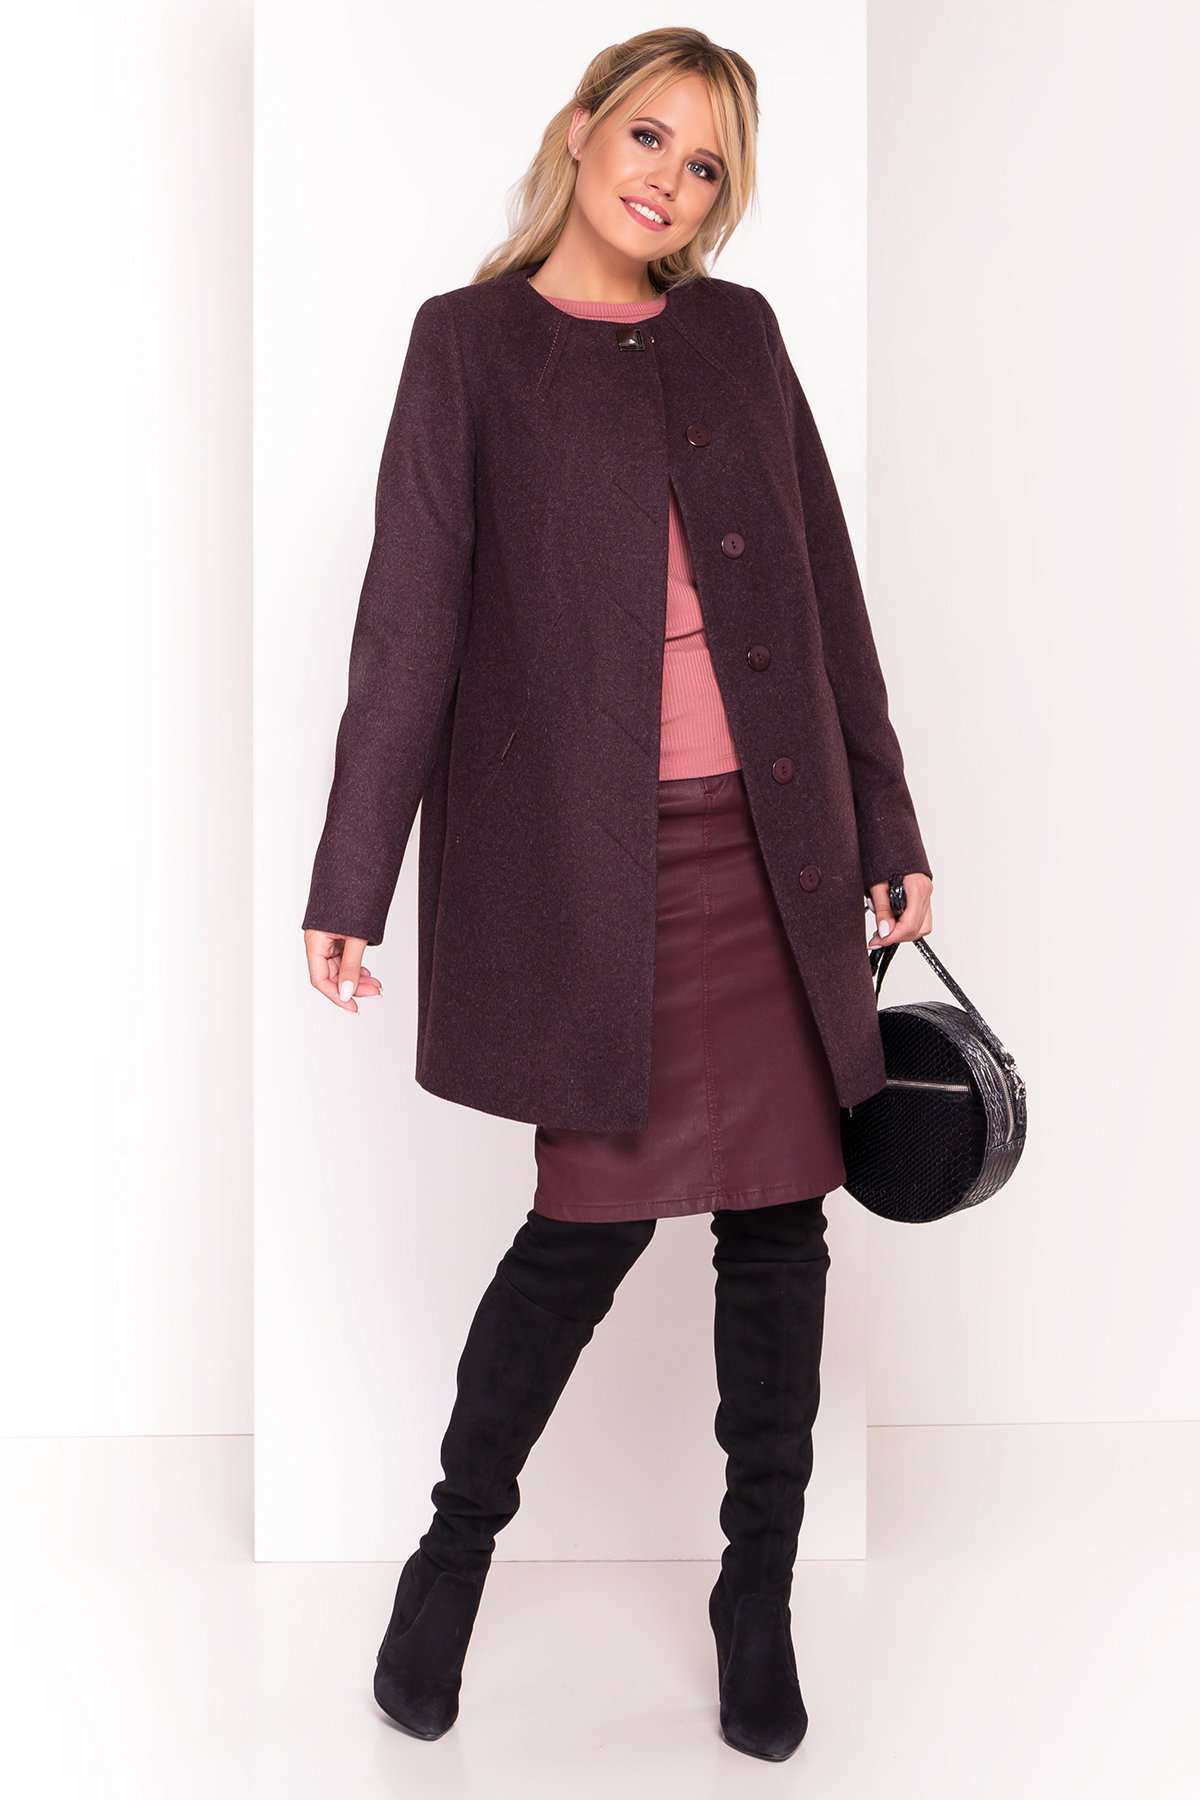 Пальто Шаника 5379 АРТ. 37629 Цвет: Марсала 5 - фото 1, интернет магазин tm-modus.ru